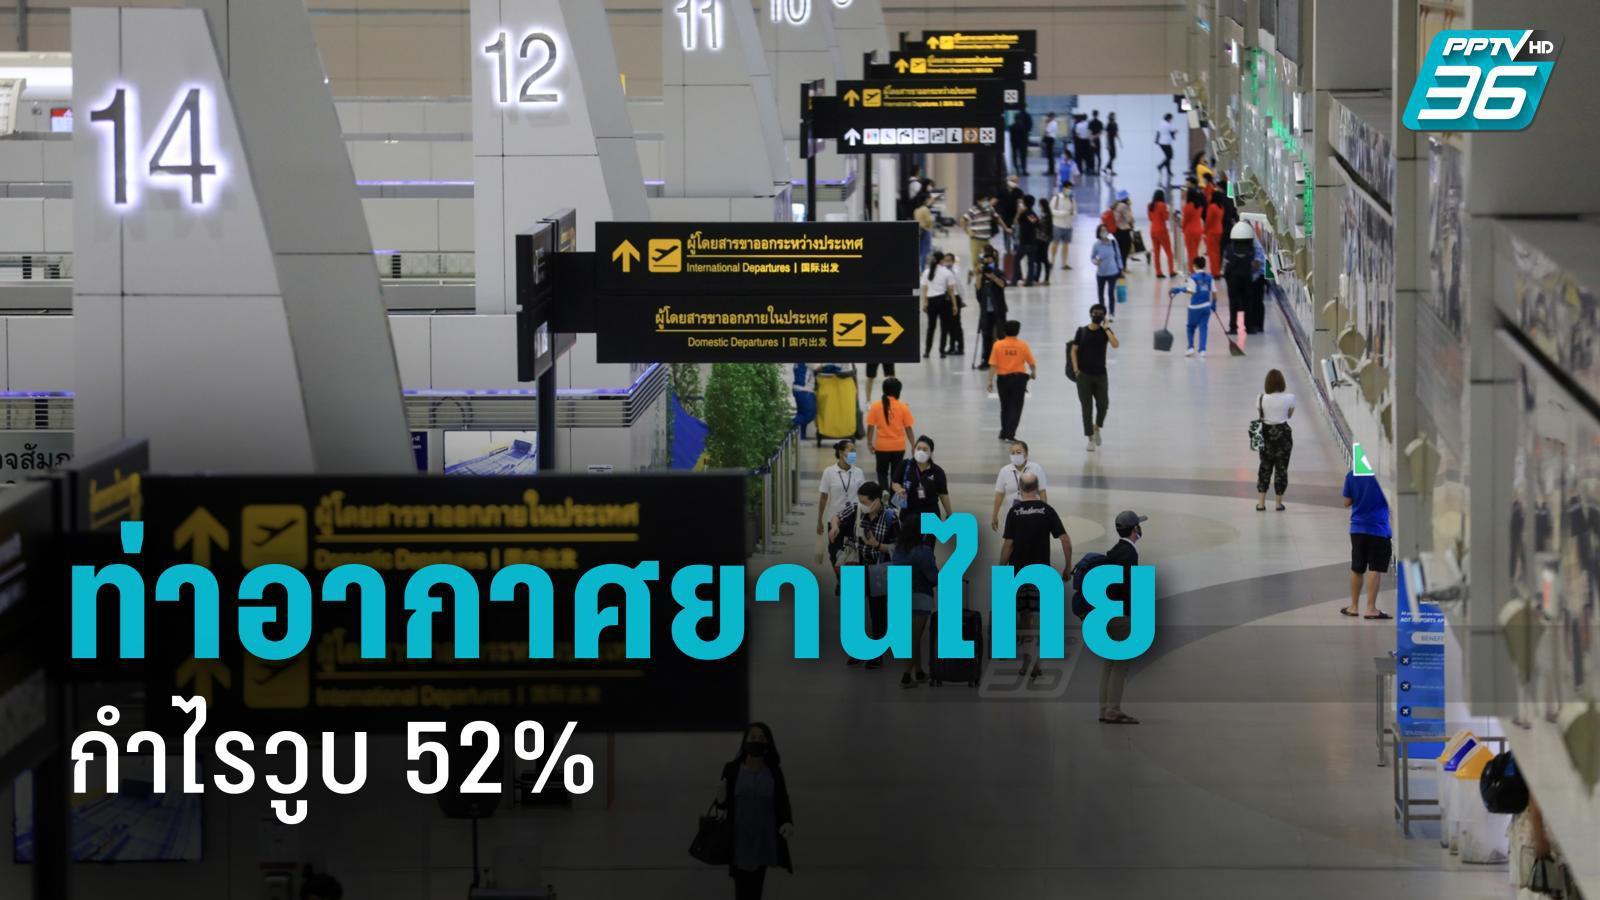 บ.ท่าอากาศยานไทย เจอพิษโควิด กำไรวูบ 52% หาย 3.9 พันล้าน